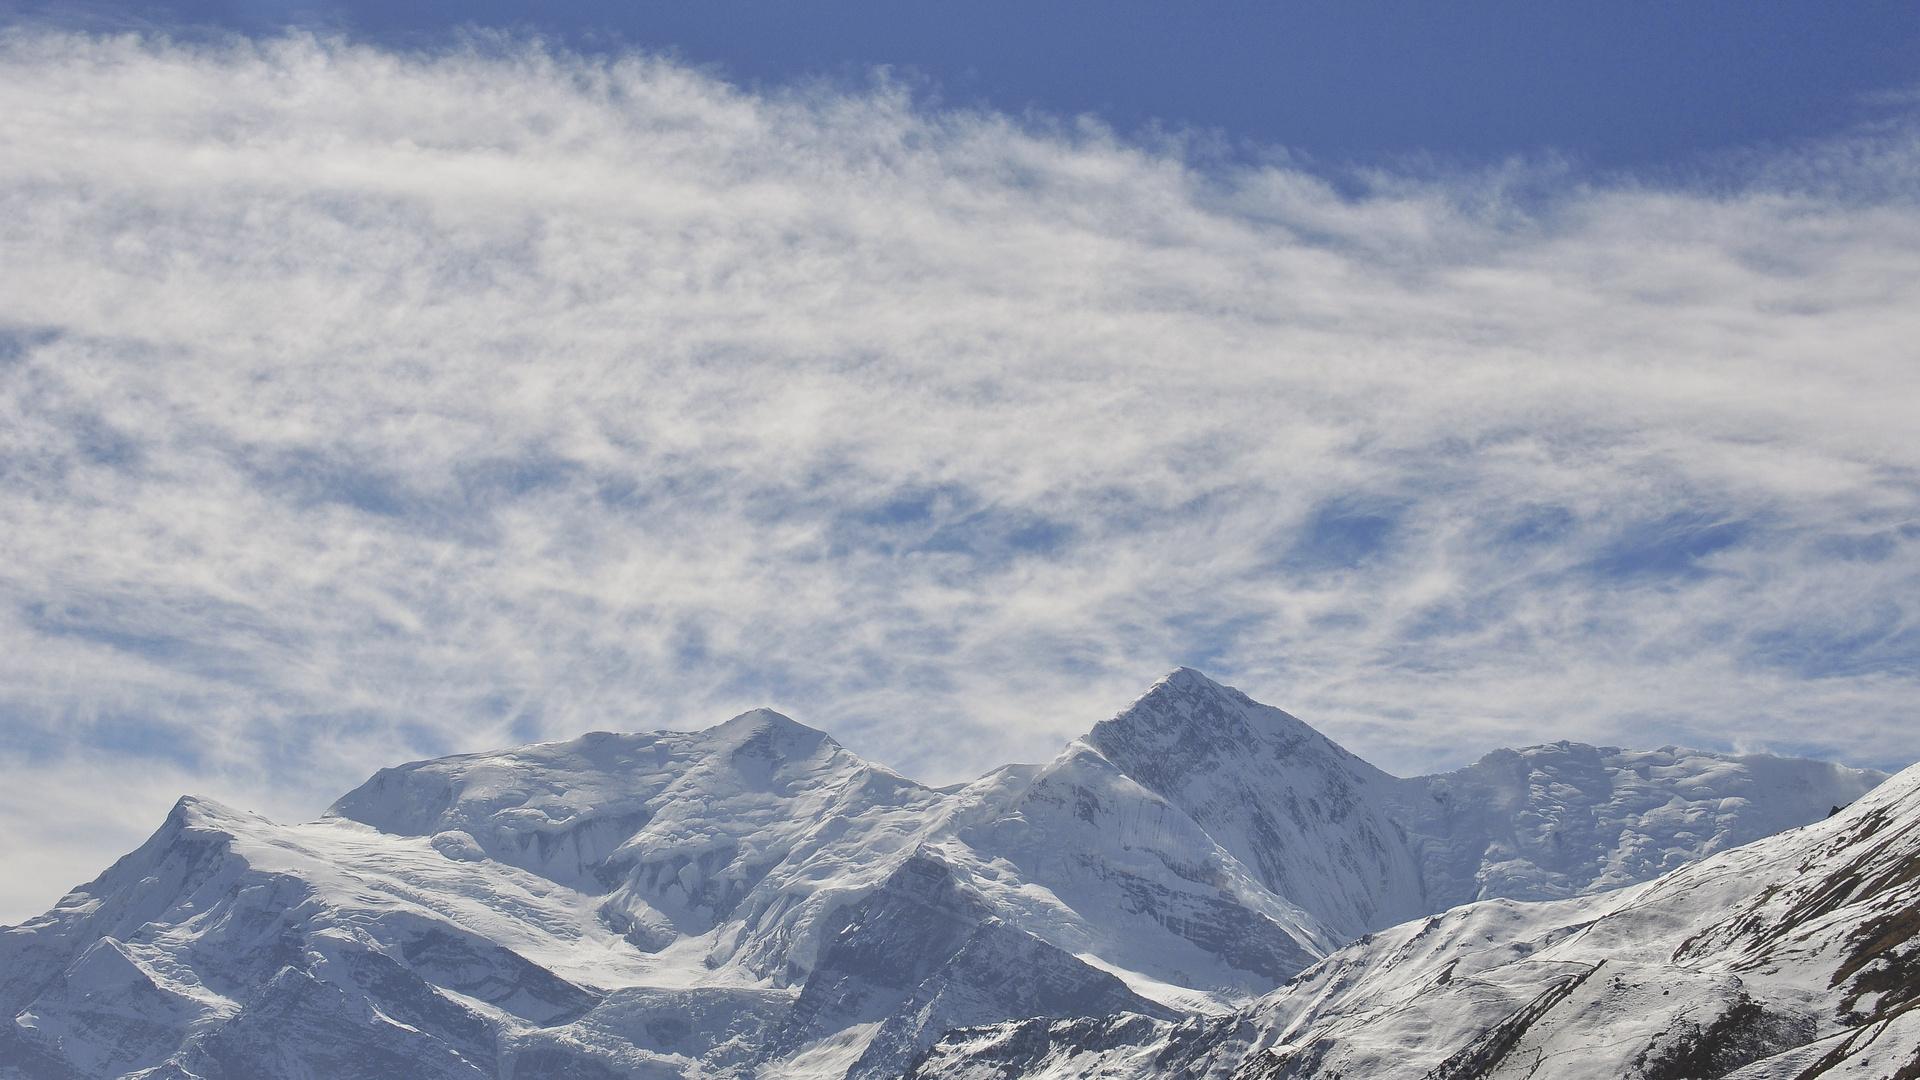 Wolkenschleier